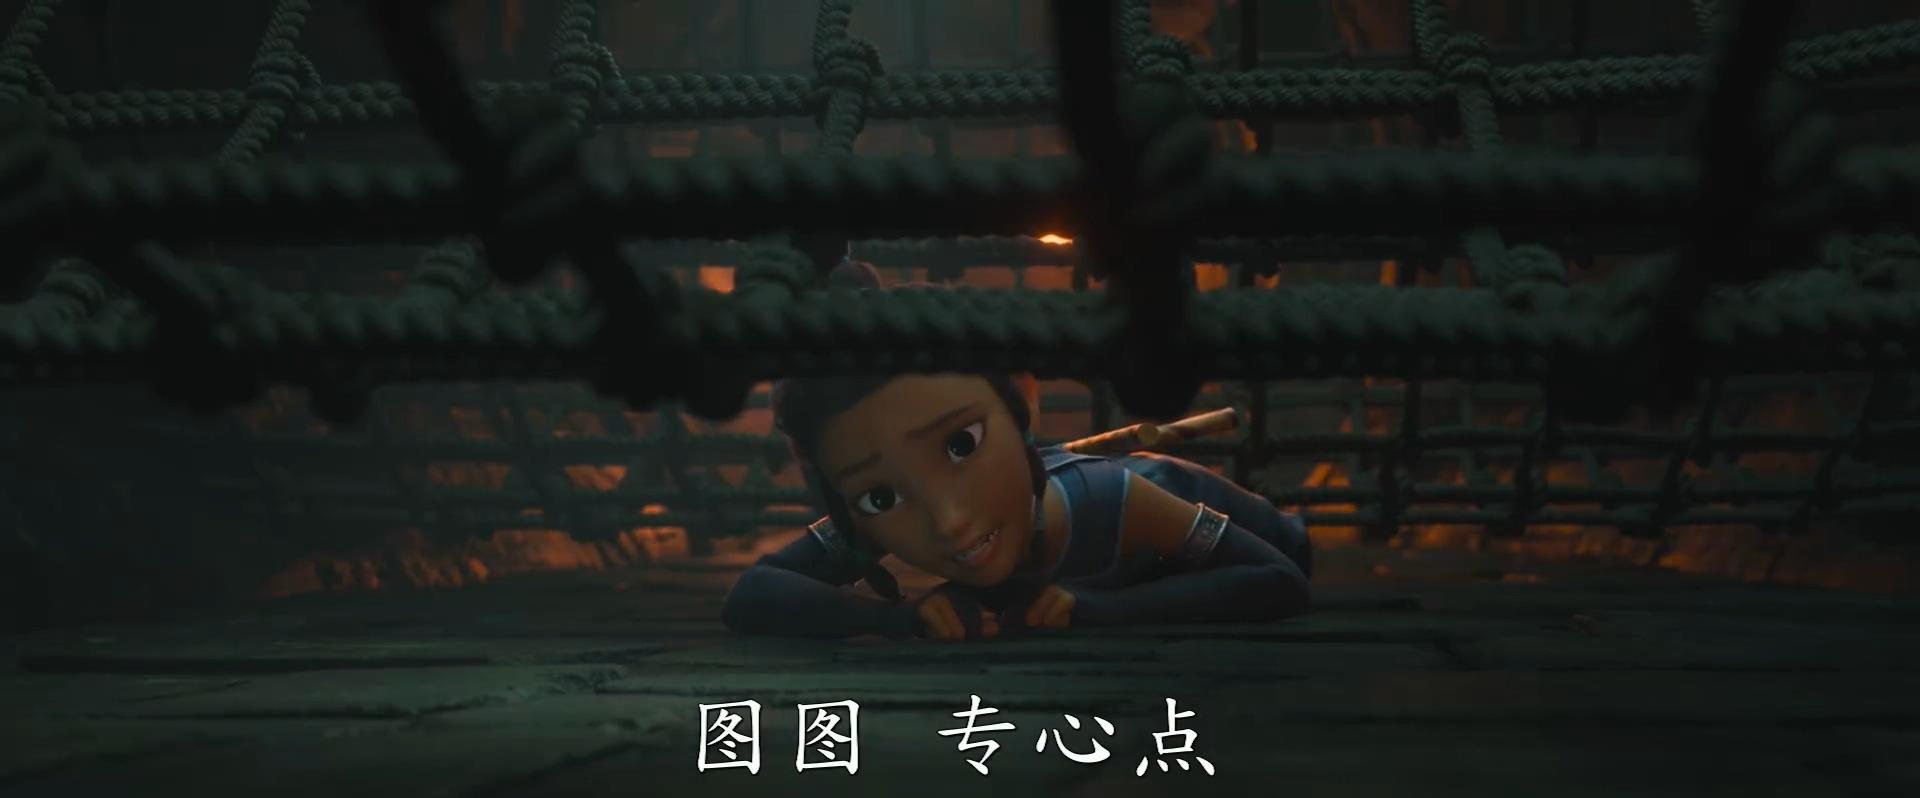 迪士尼动画《寻龙传说》先导预告 2021年北美上映